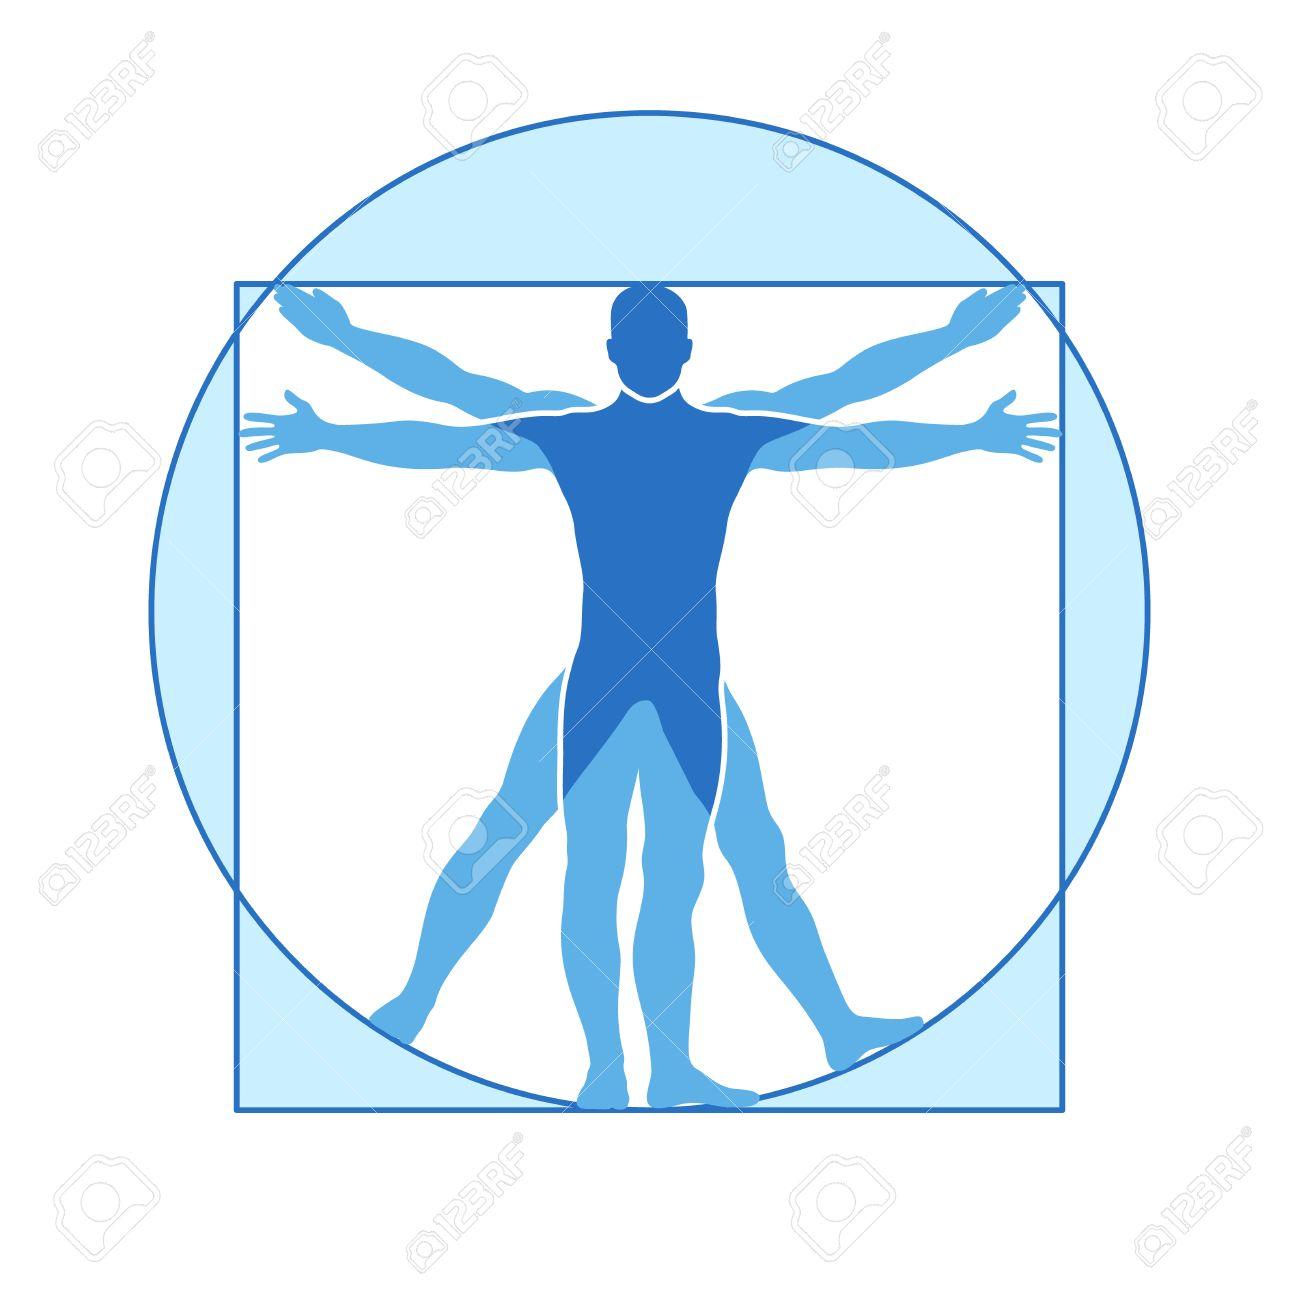 Der Menschliche Krper Vektor Symbol Von Vitruvian Mann Berhmte